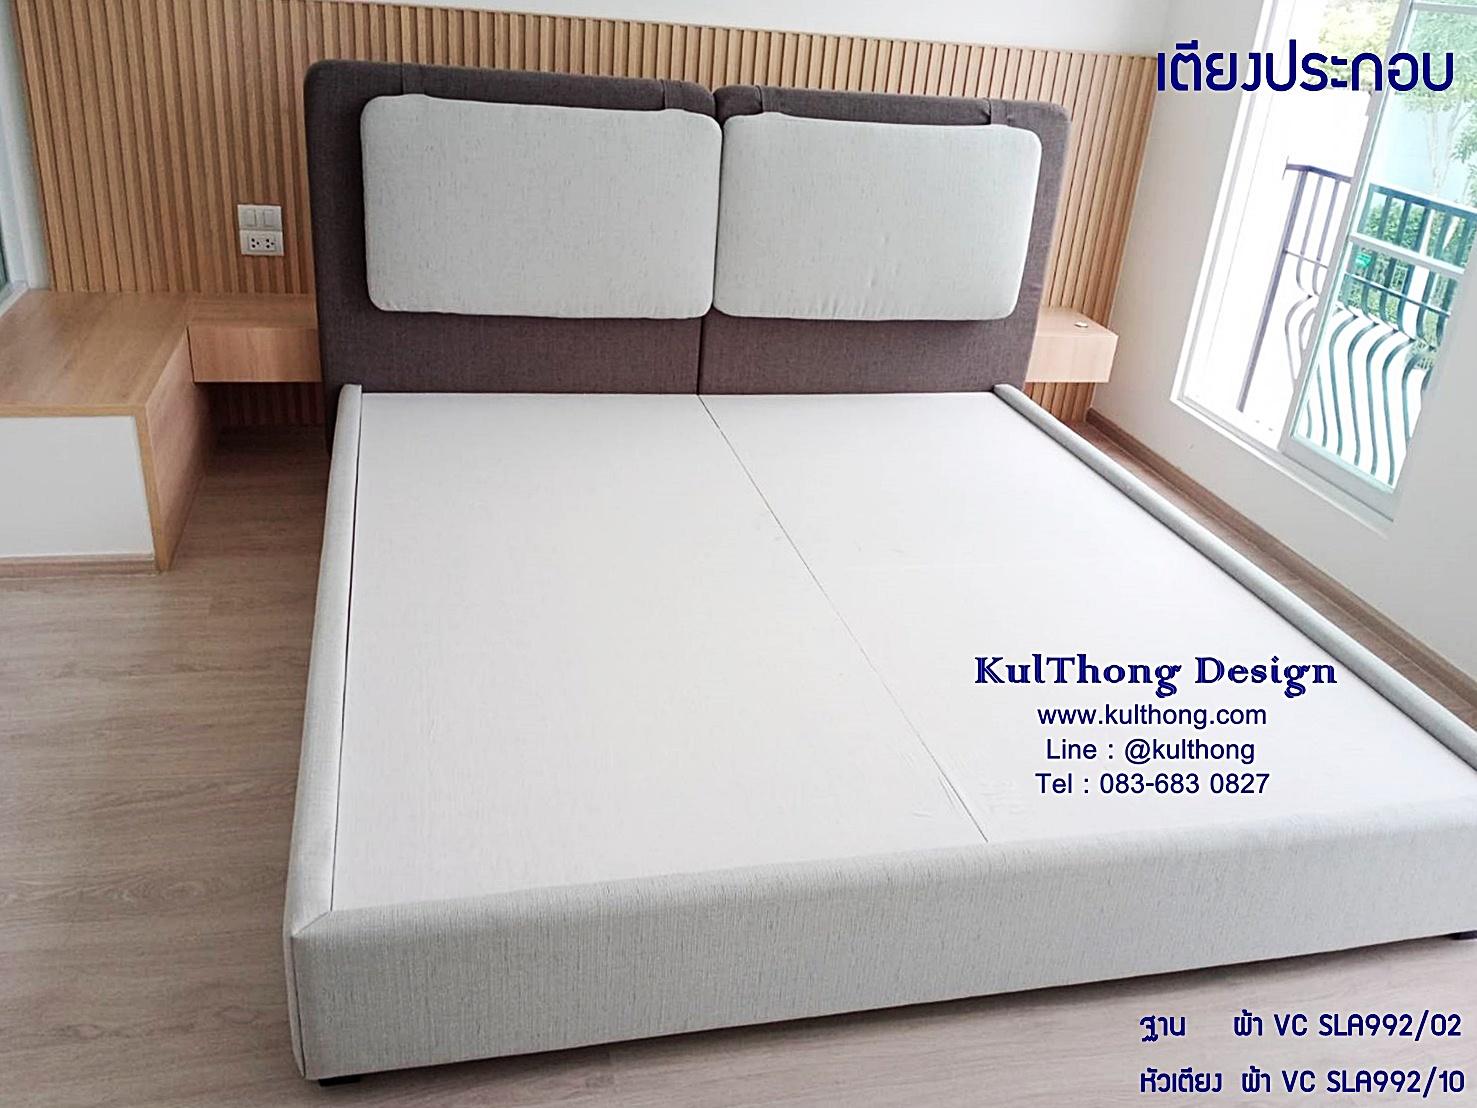 ฐานเตียงนอน ฐานรองที่นอน เตียงประกอบ